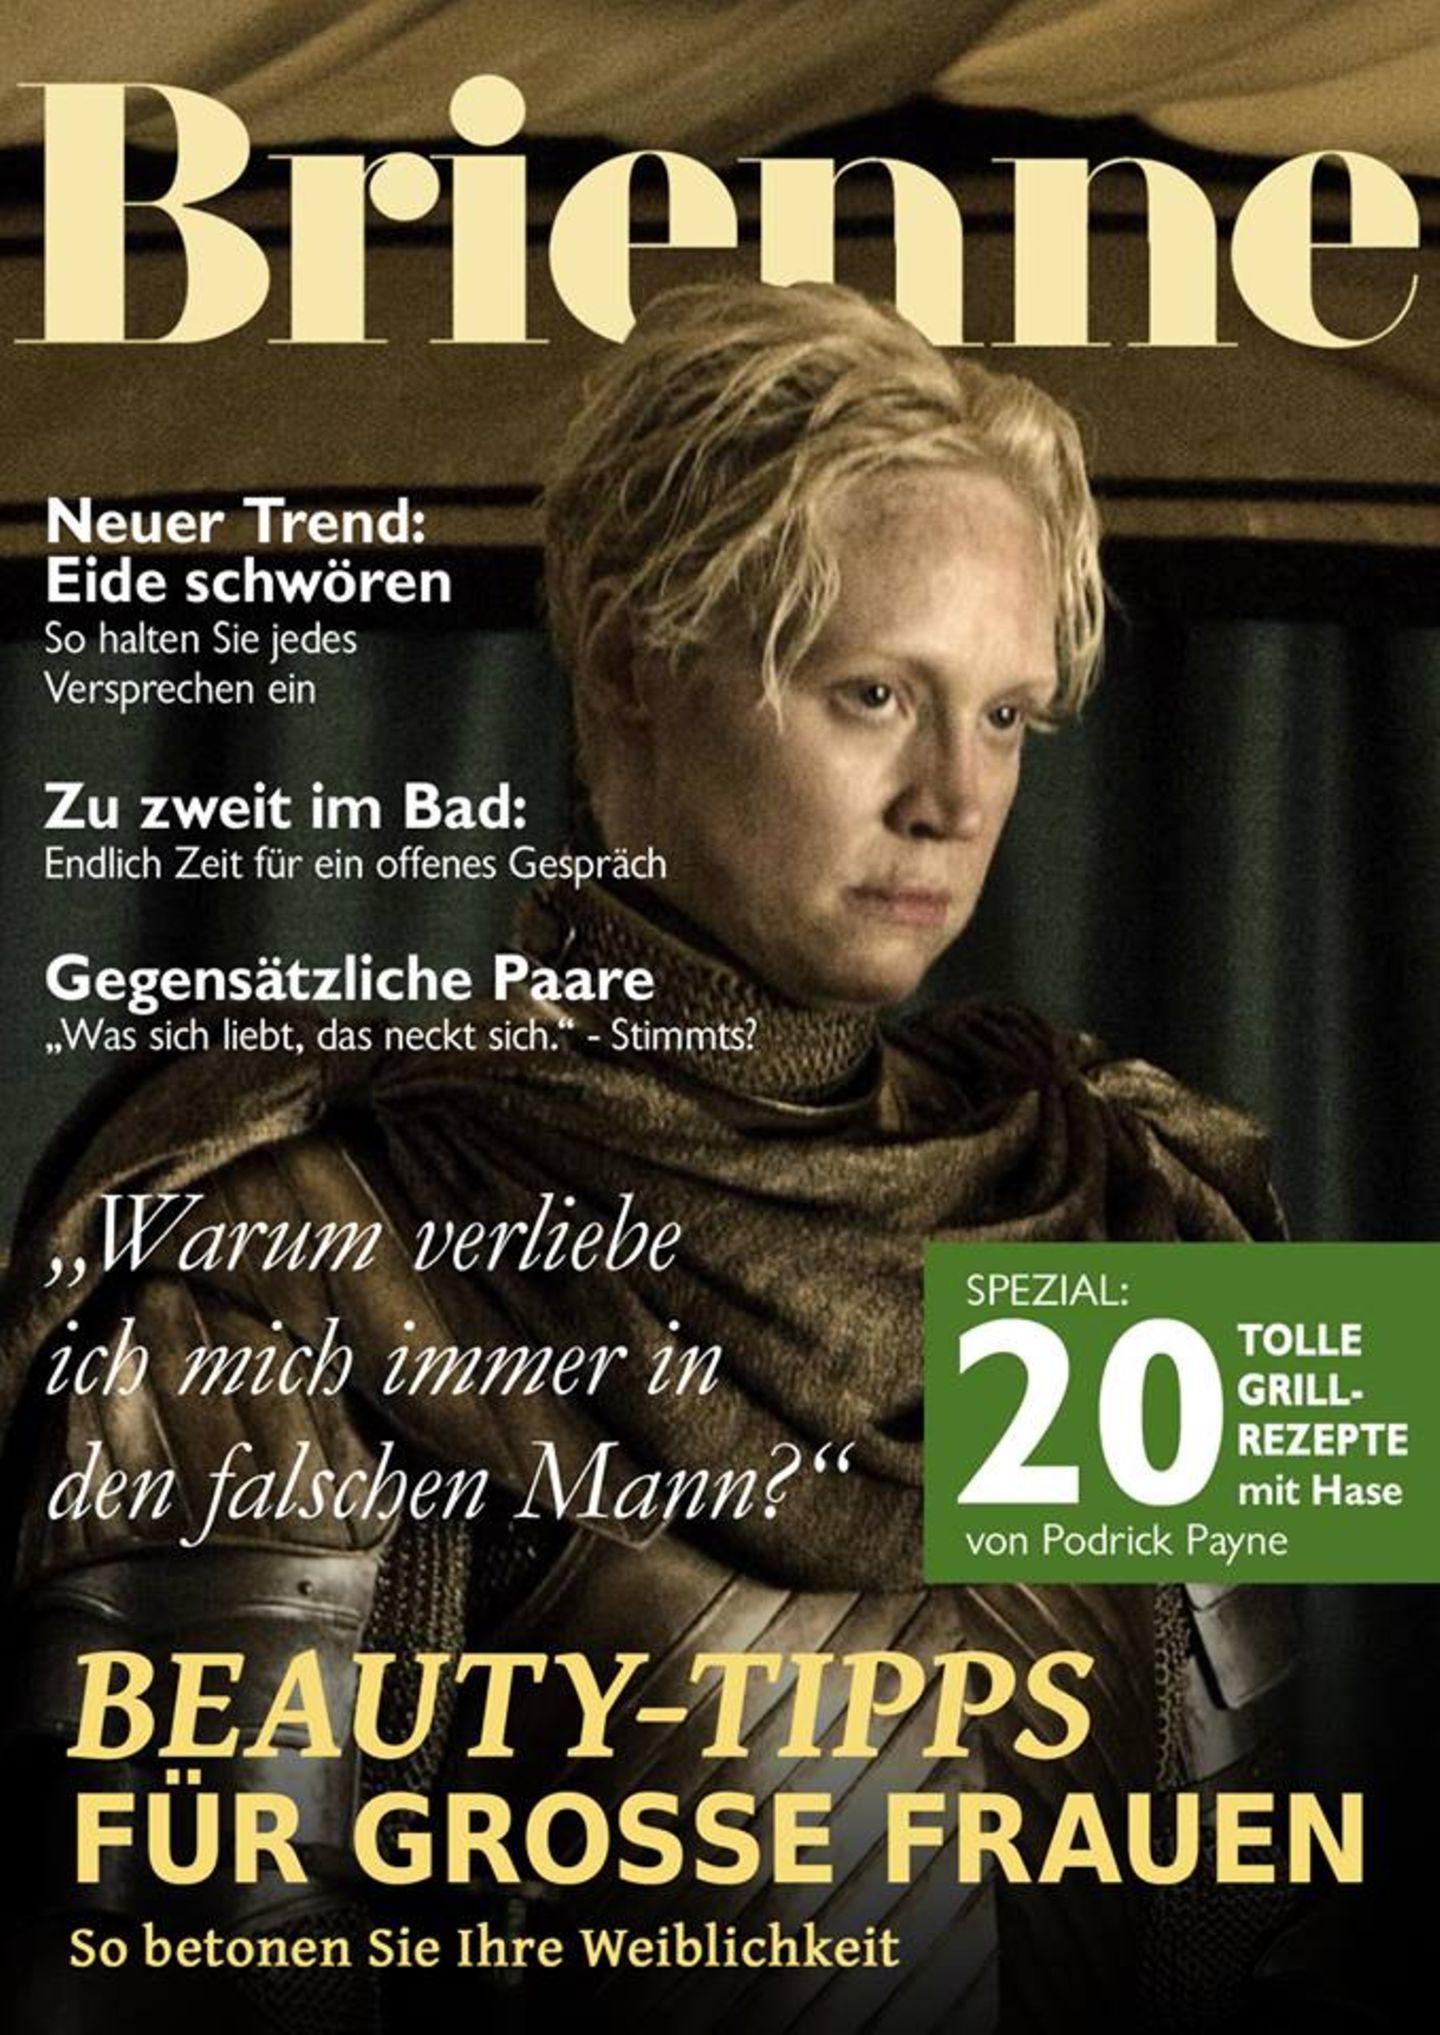 """Auch Schwestermagazin """"Brienne"""" hat einen völlig neuen Ansatz für das Label """"Plus Size"""" und viele gute Tipps für die Ritterin von Welt."""